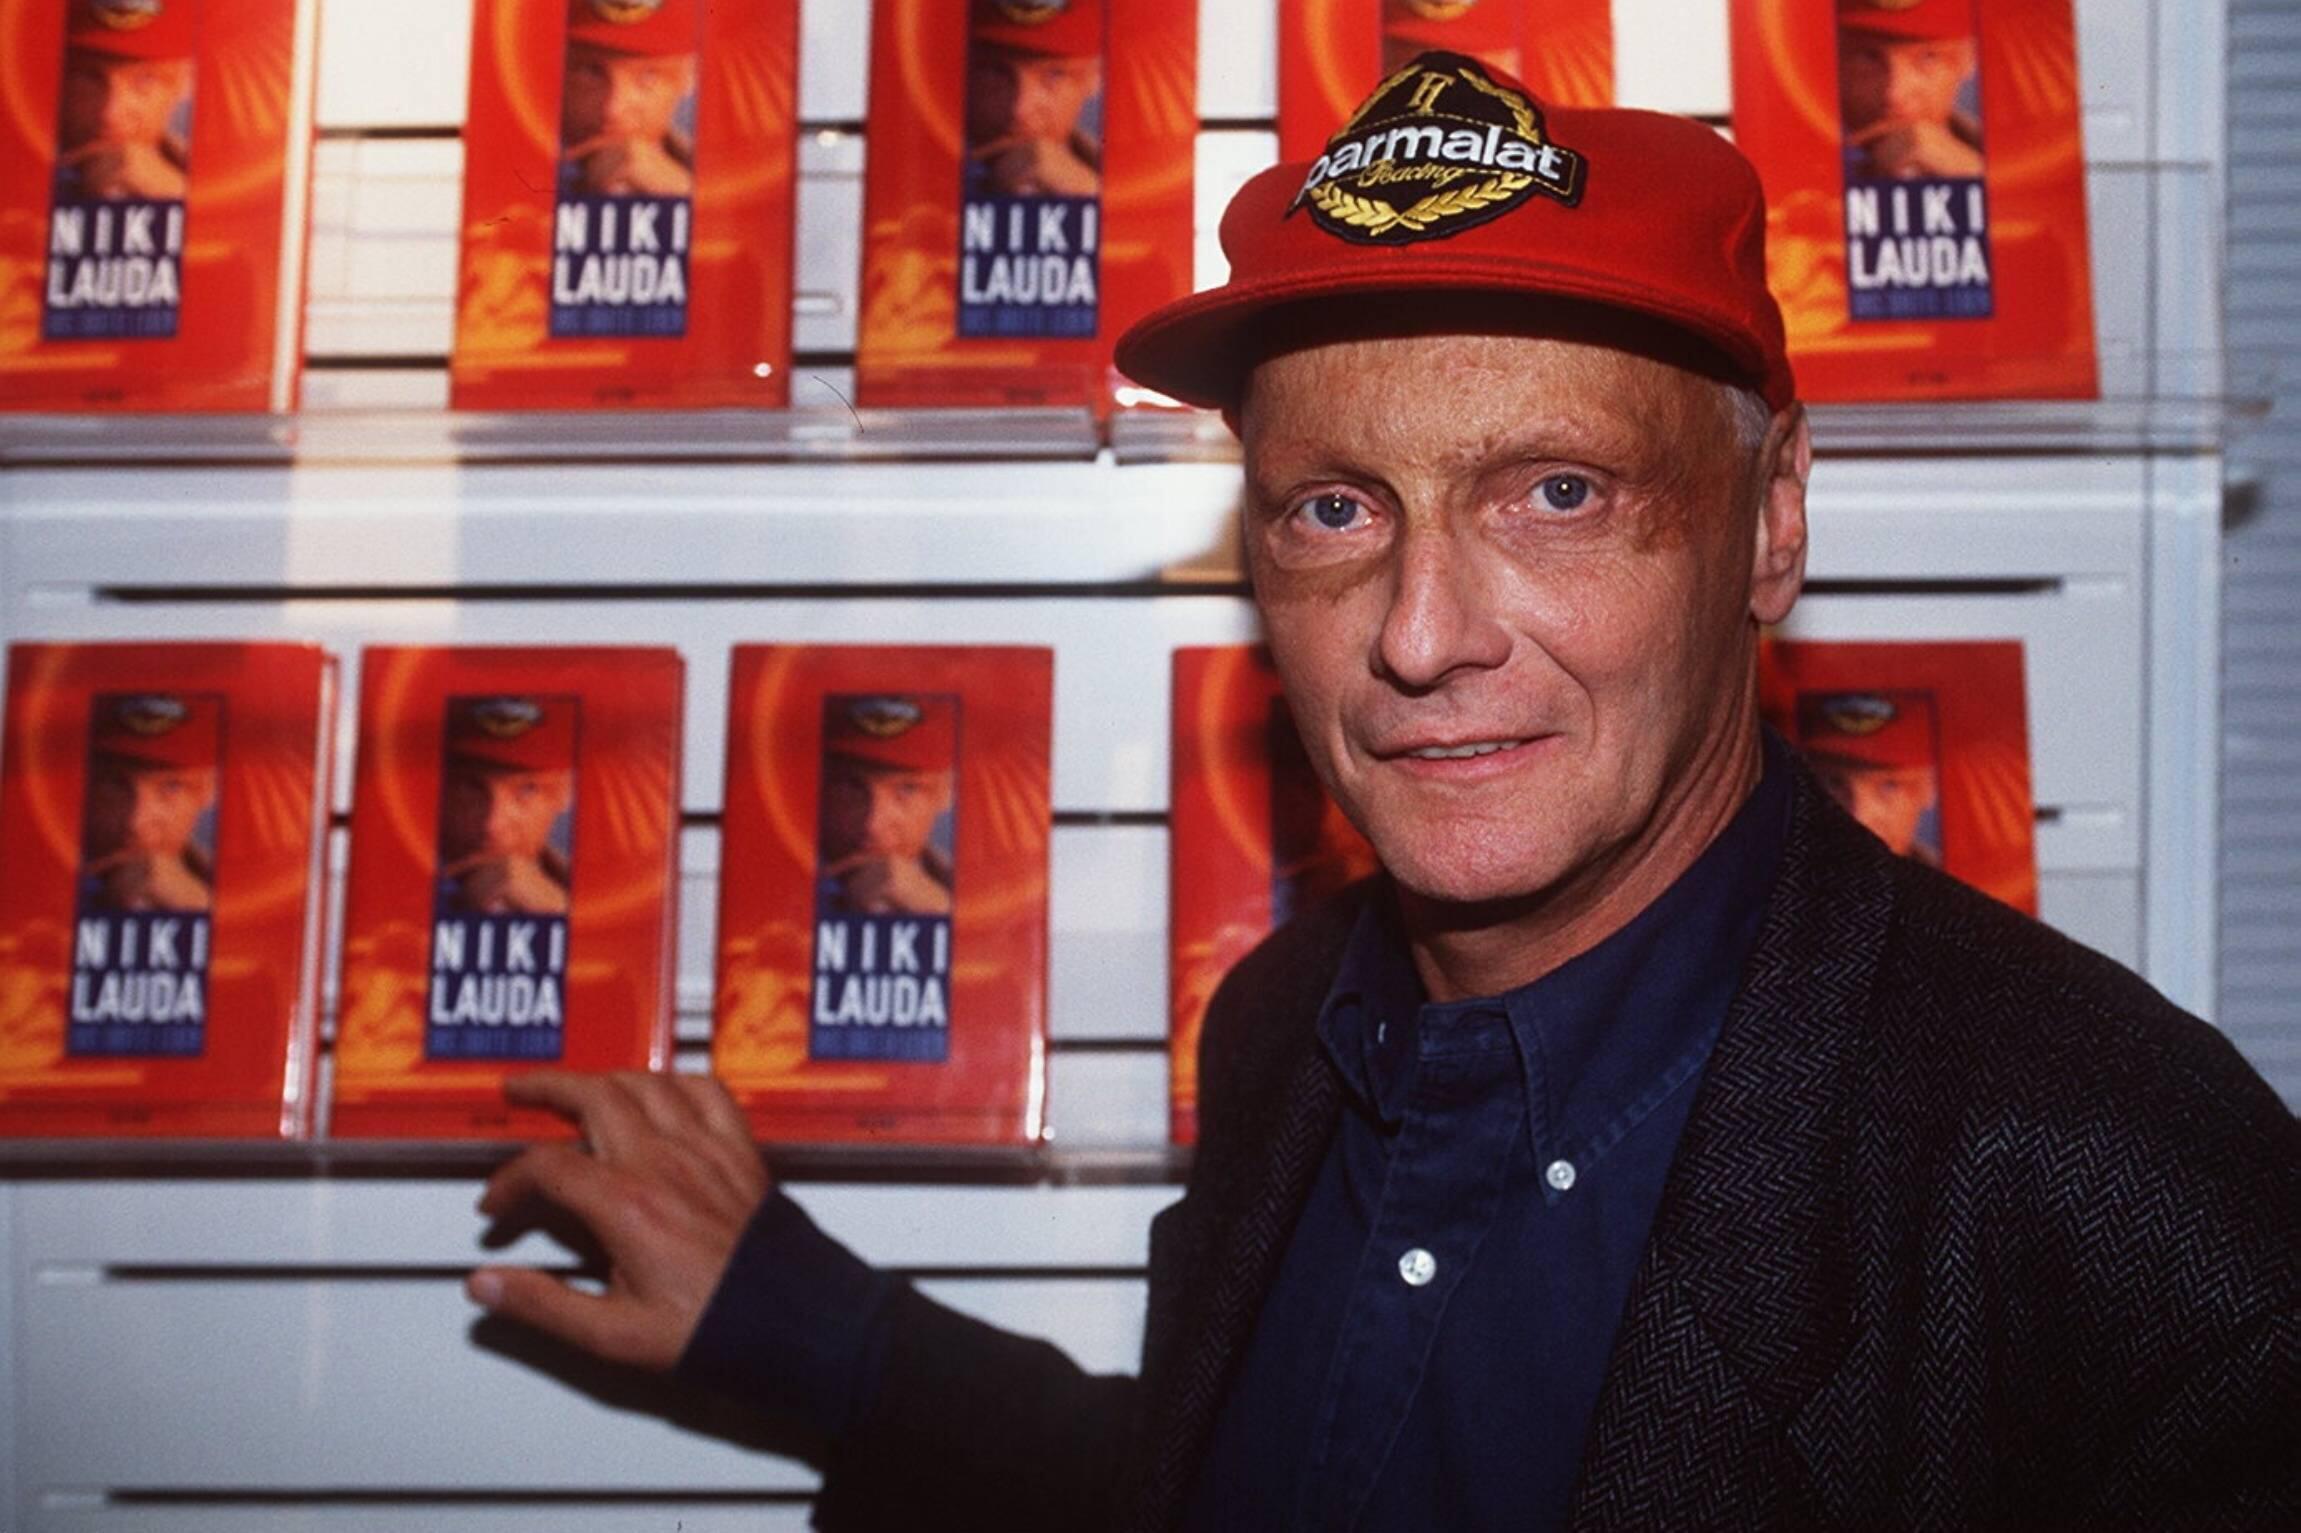 Bild zu Niki Lauda, Buch, Formel 1, 1996, Das dritte Leben, Kappe, Baseballkappe, Cap, Bücherregal